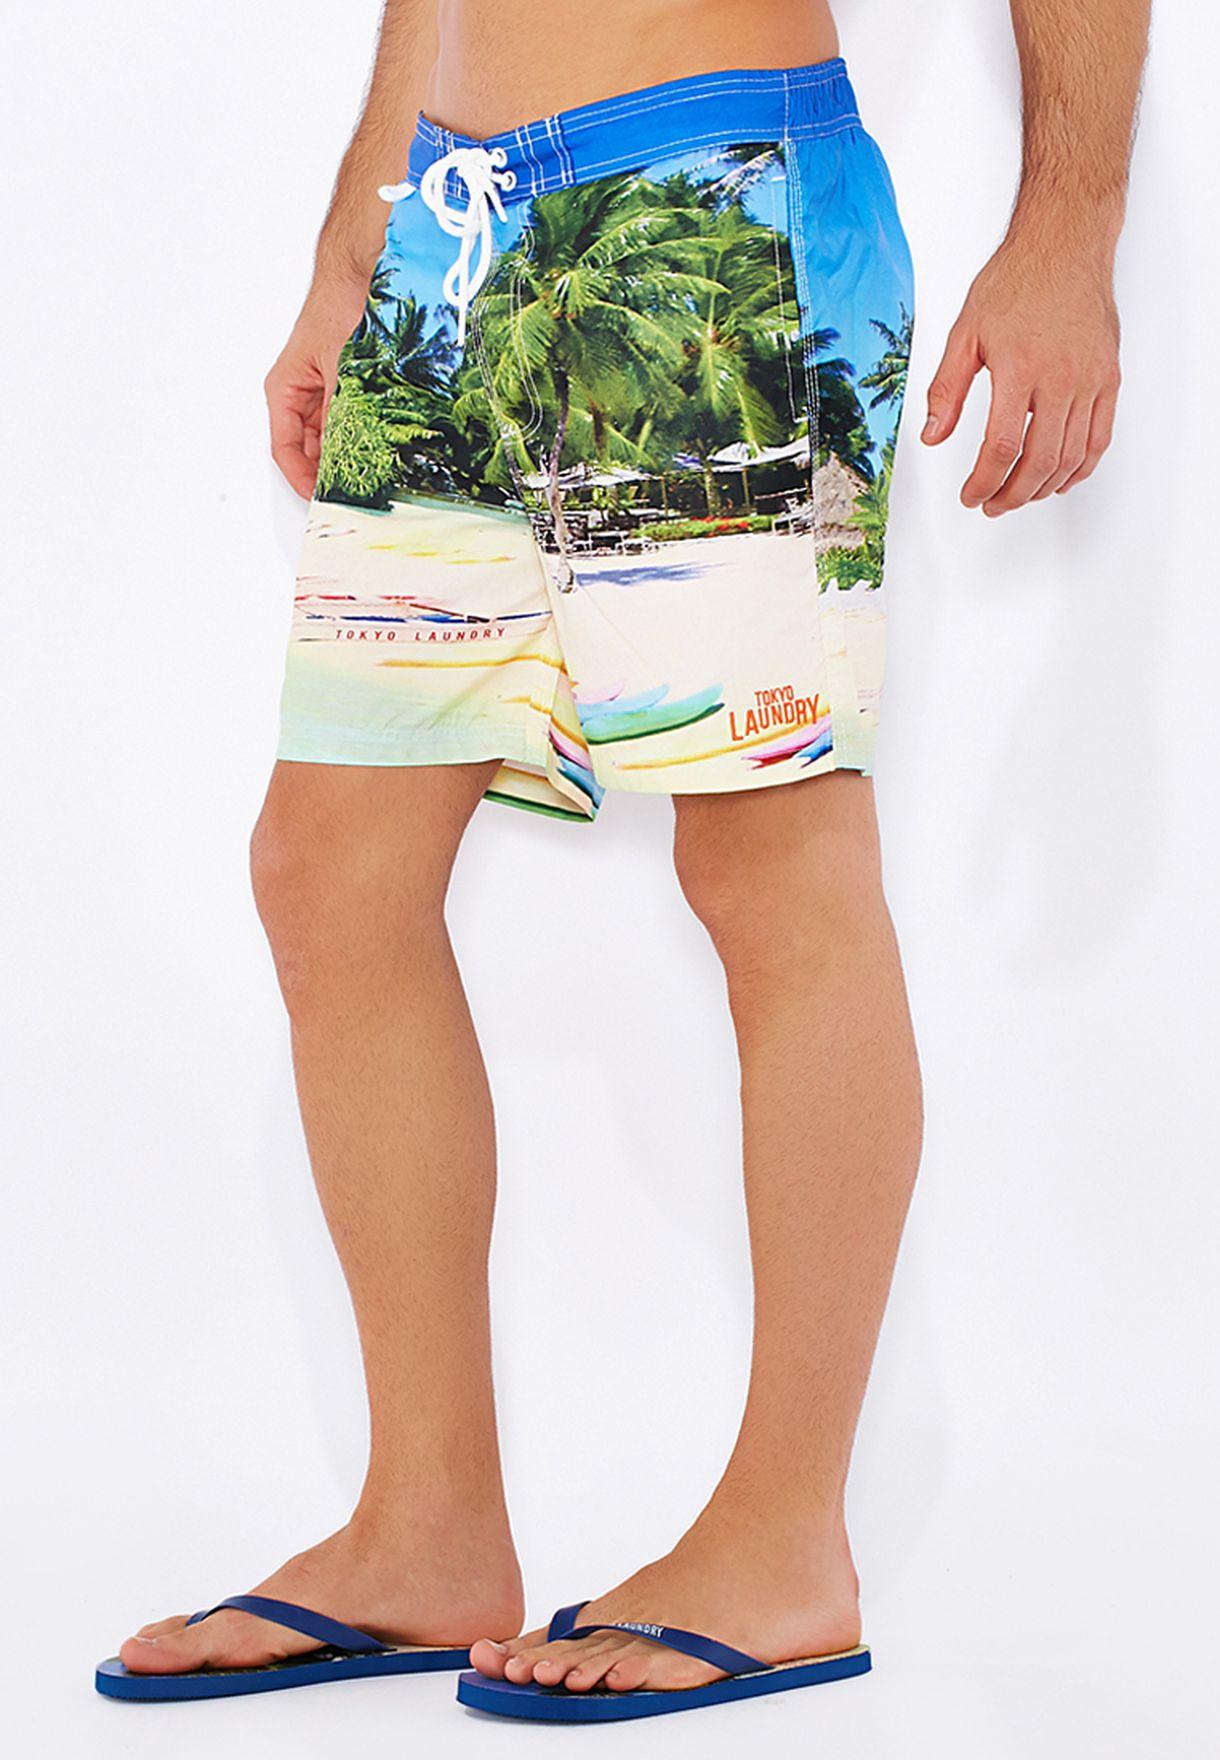 7d4d8a79c634 Shop Tokyo laundry prints Swim Shorts  amp  Flip Flop Set for Men in ...